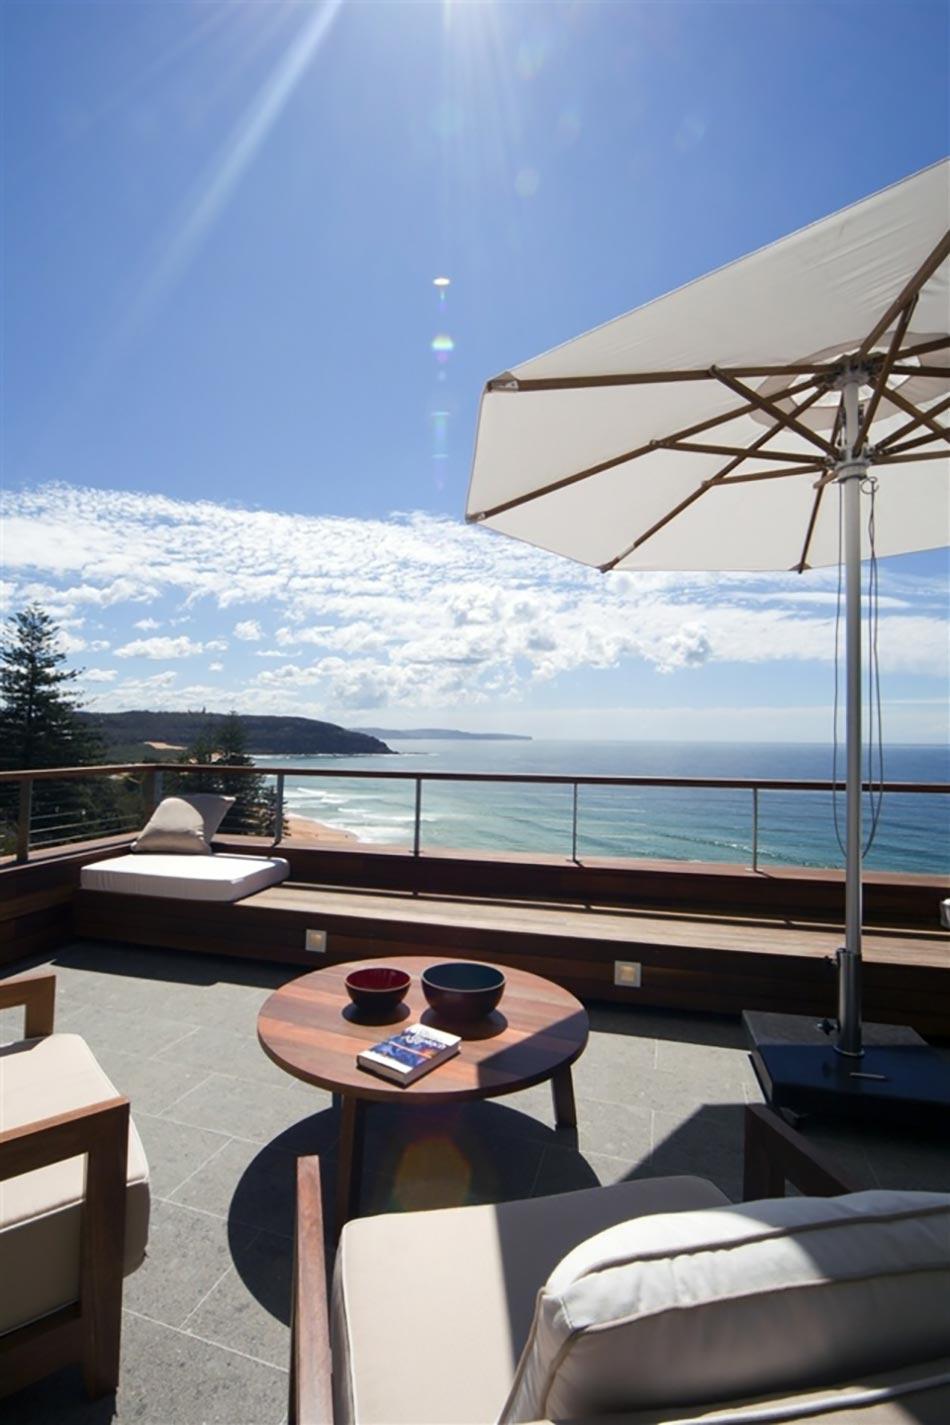 Superbe Belle Terrasse Avec Vue Panoramique Sur Lu0027eau